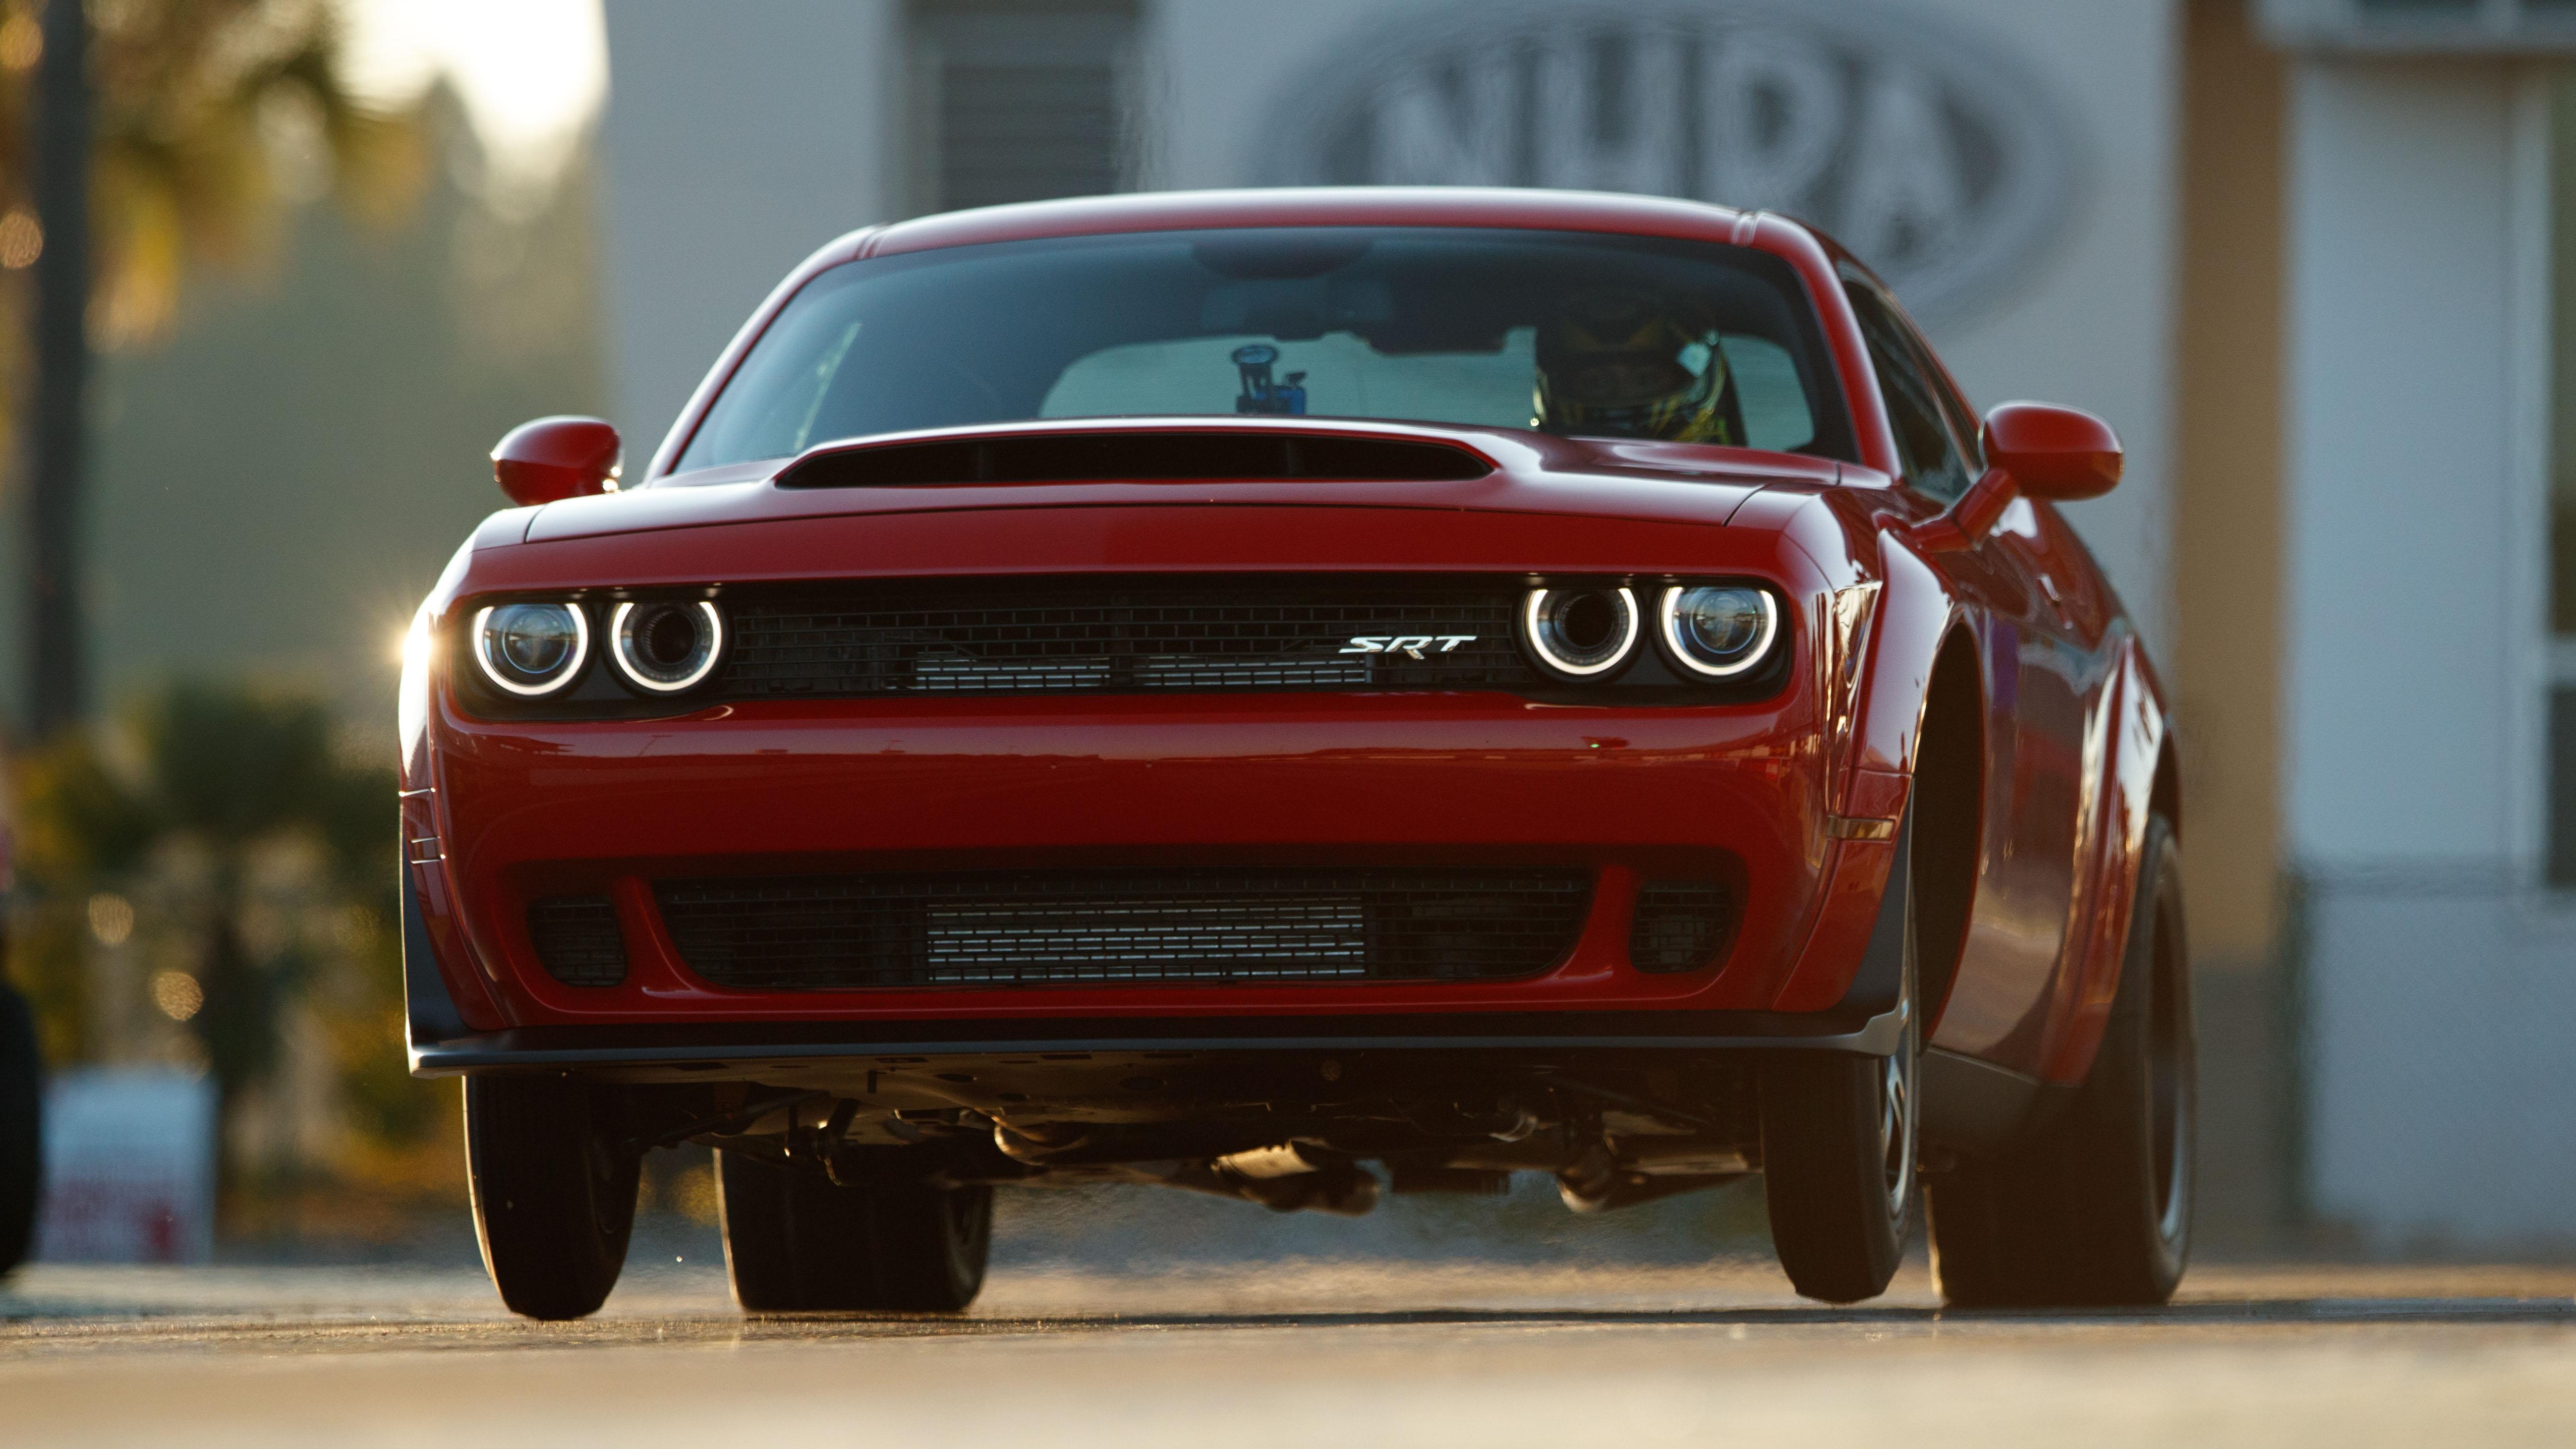 Dodge Demon front wheelie